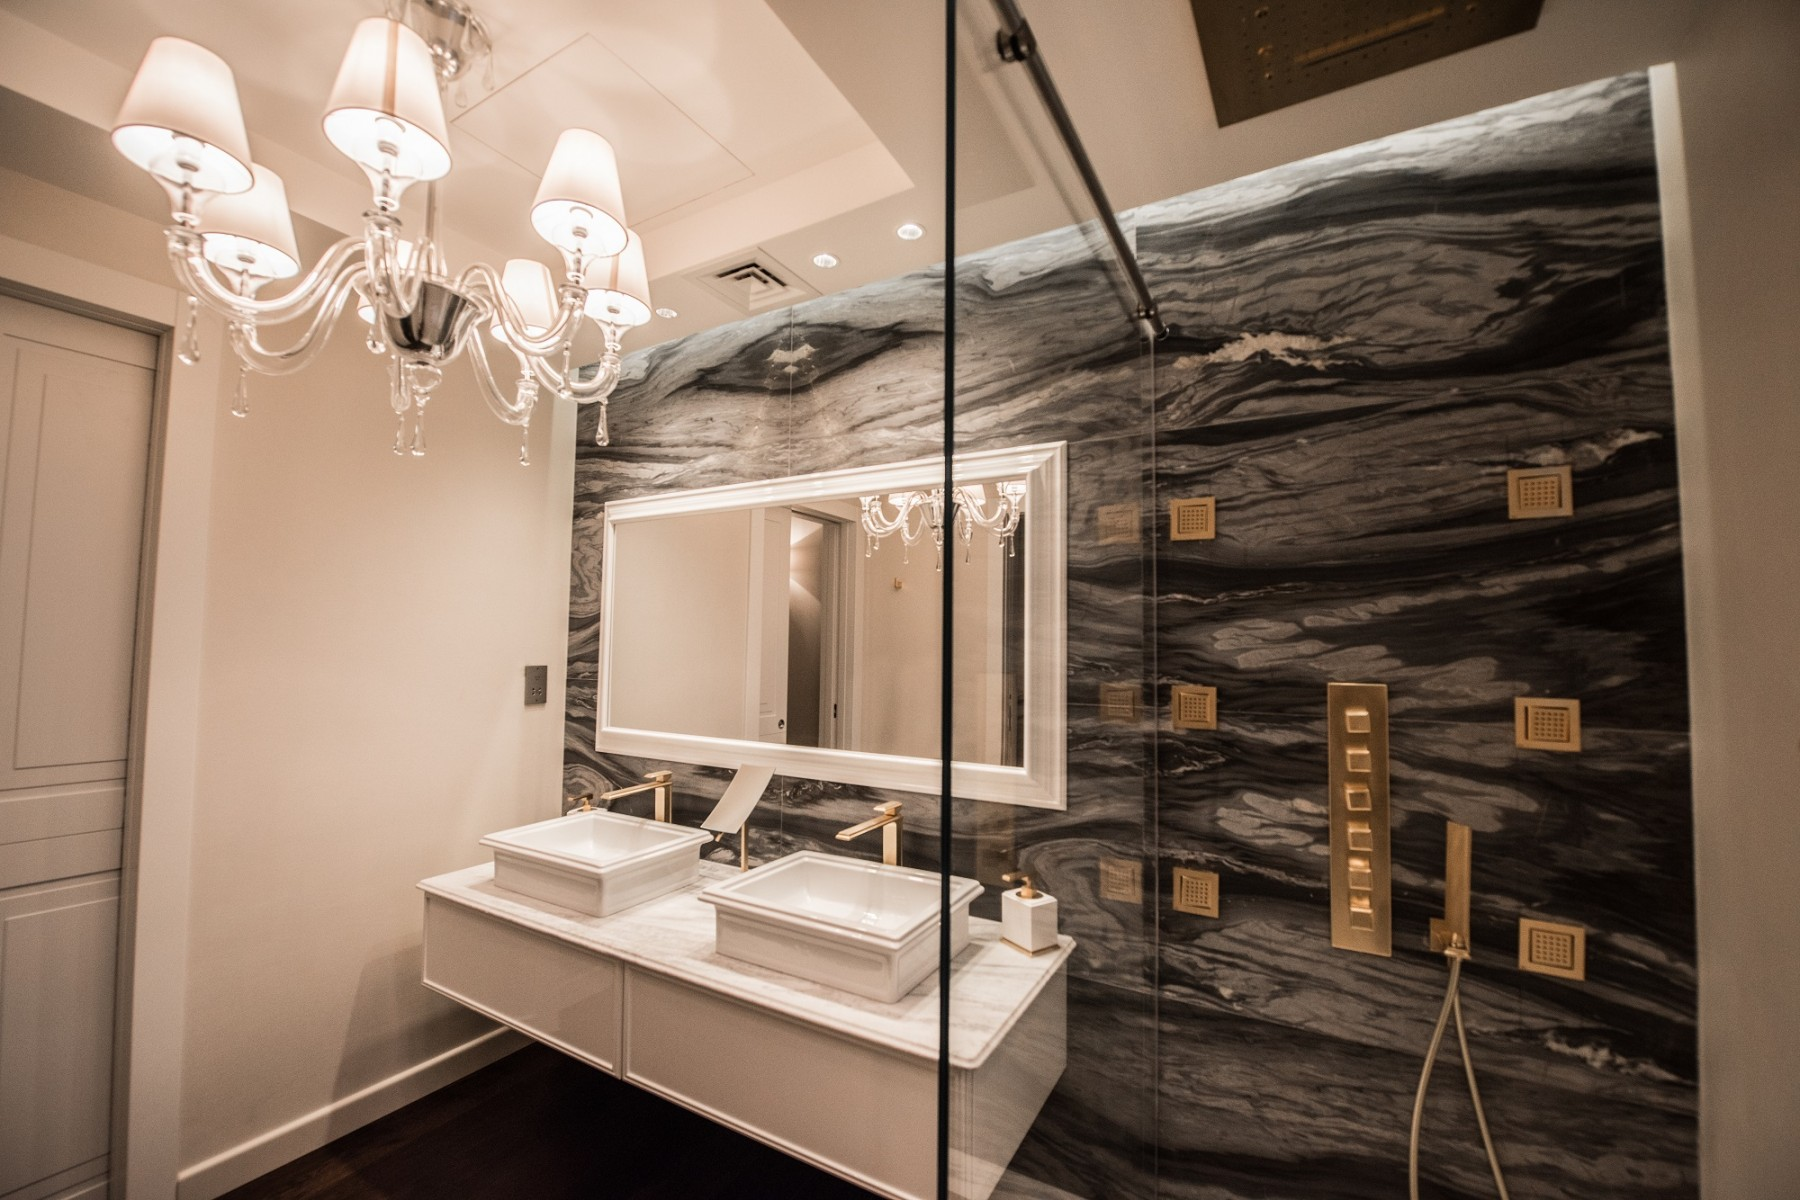 Sala da bagno in calacatta milgem - Rivestimento bagno in marmo ...